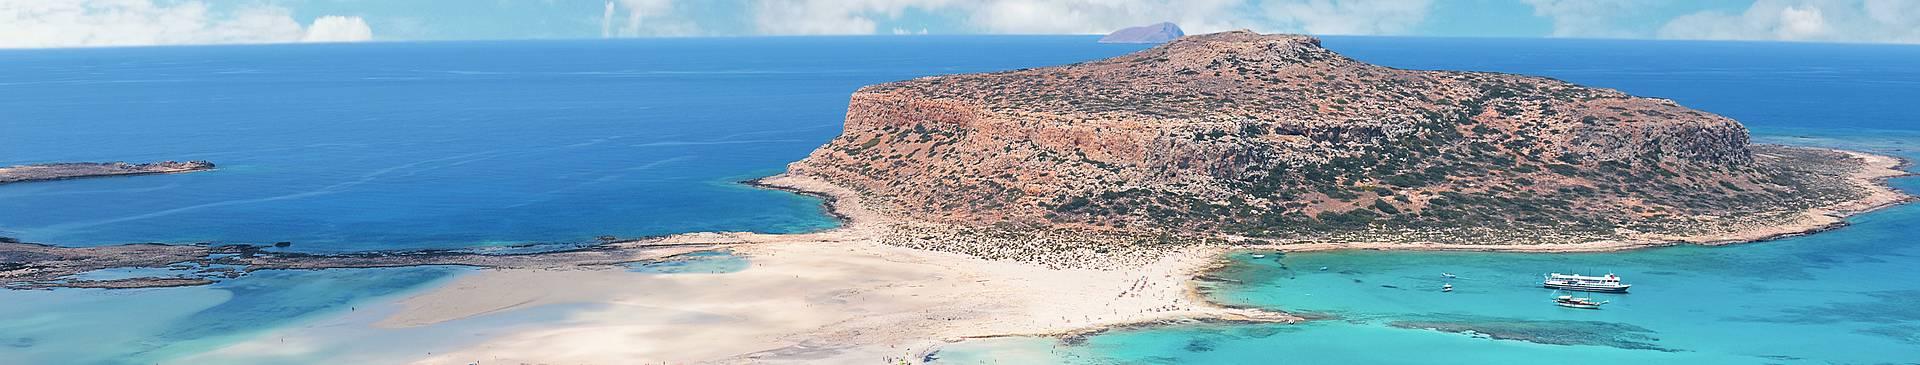 Strand und Meer Kreta Reisen